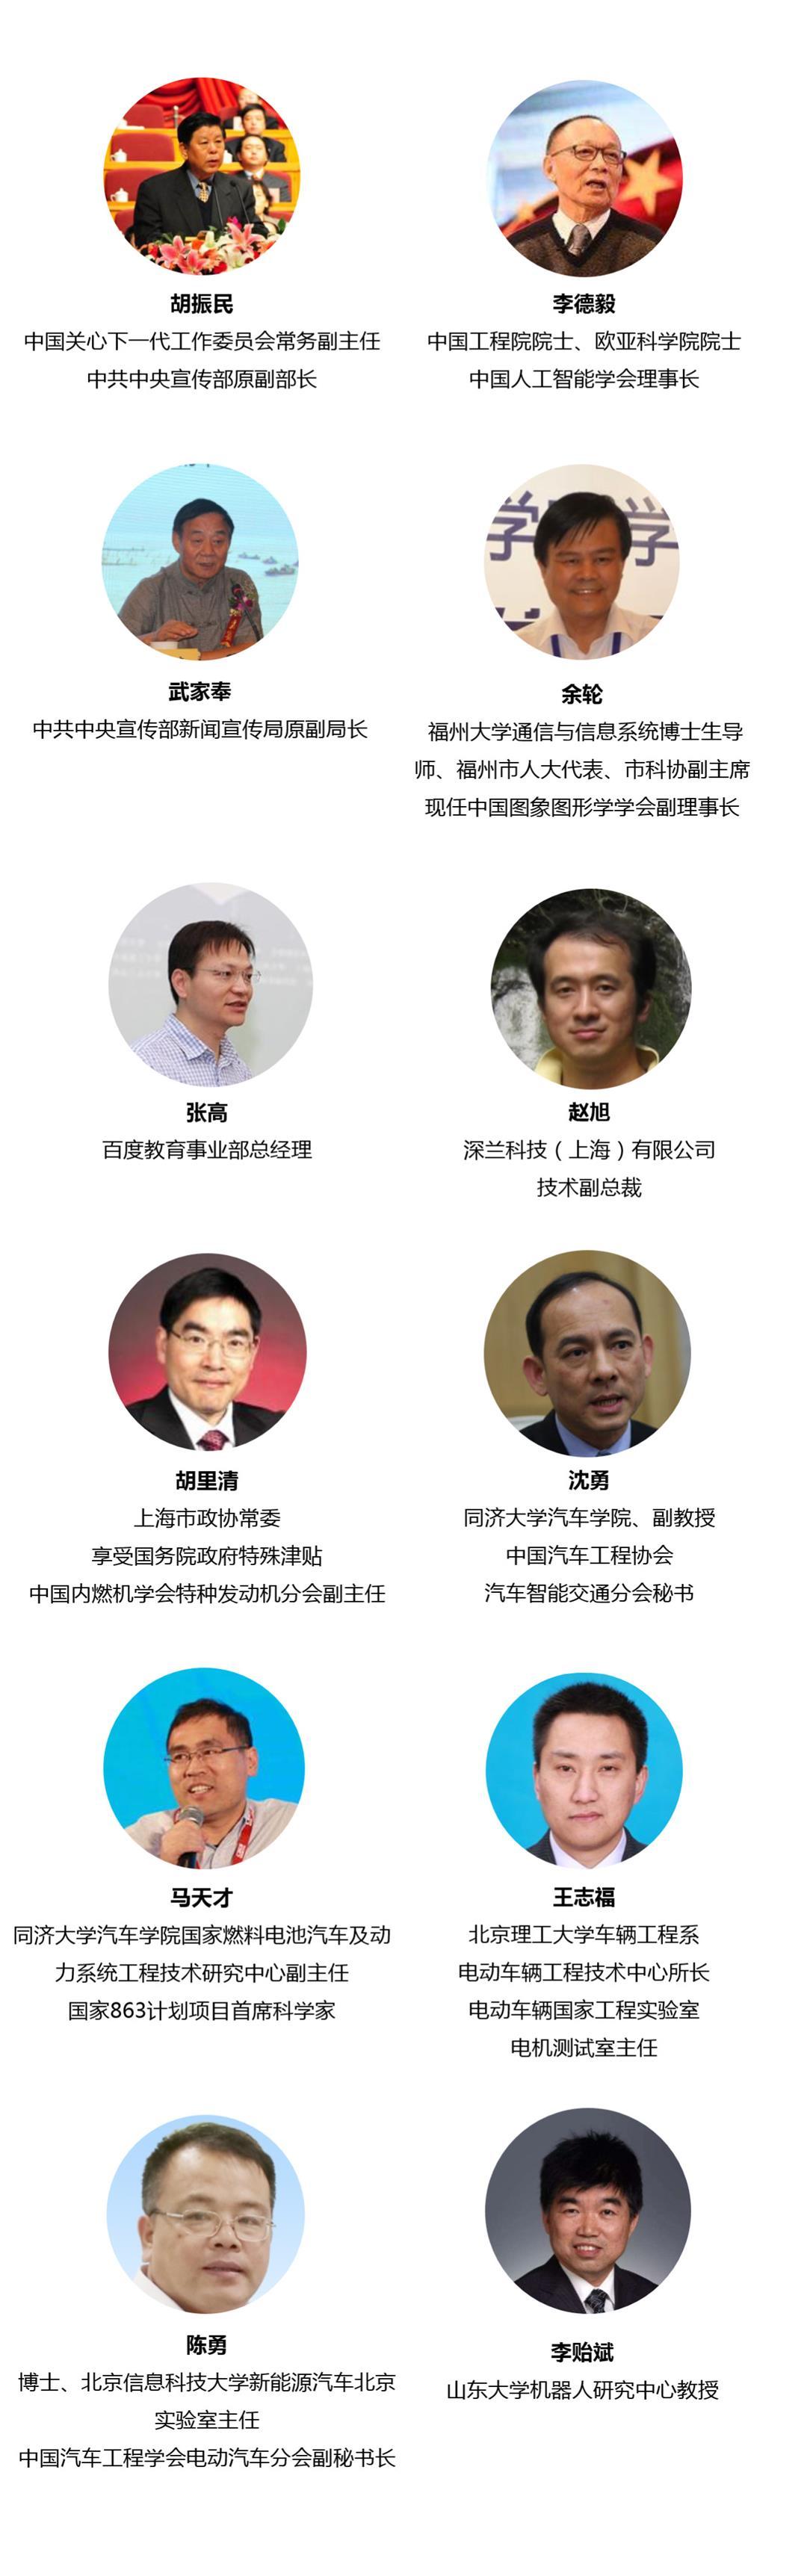 2019年厦门湾数字教育大会